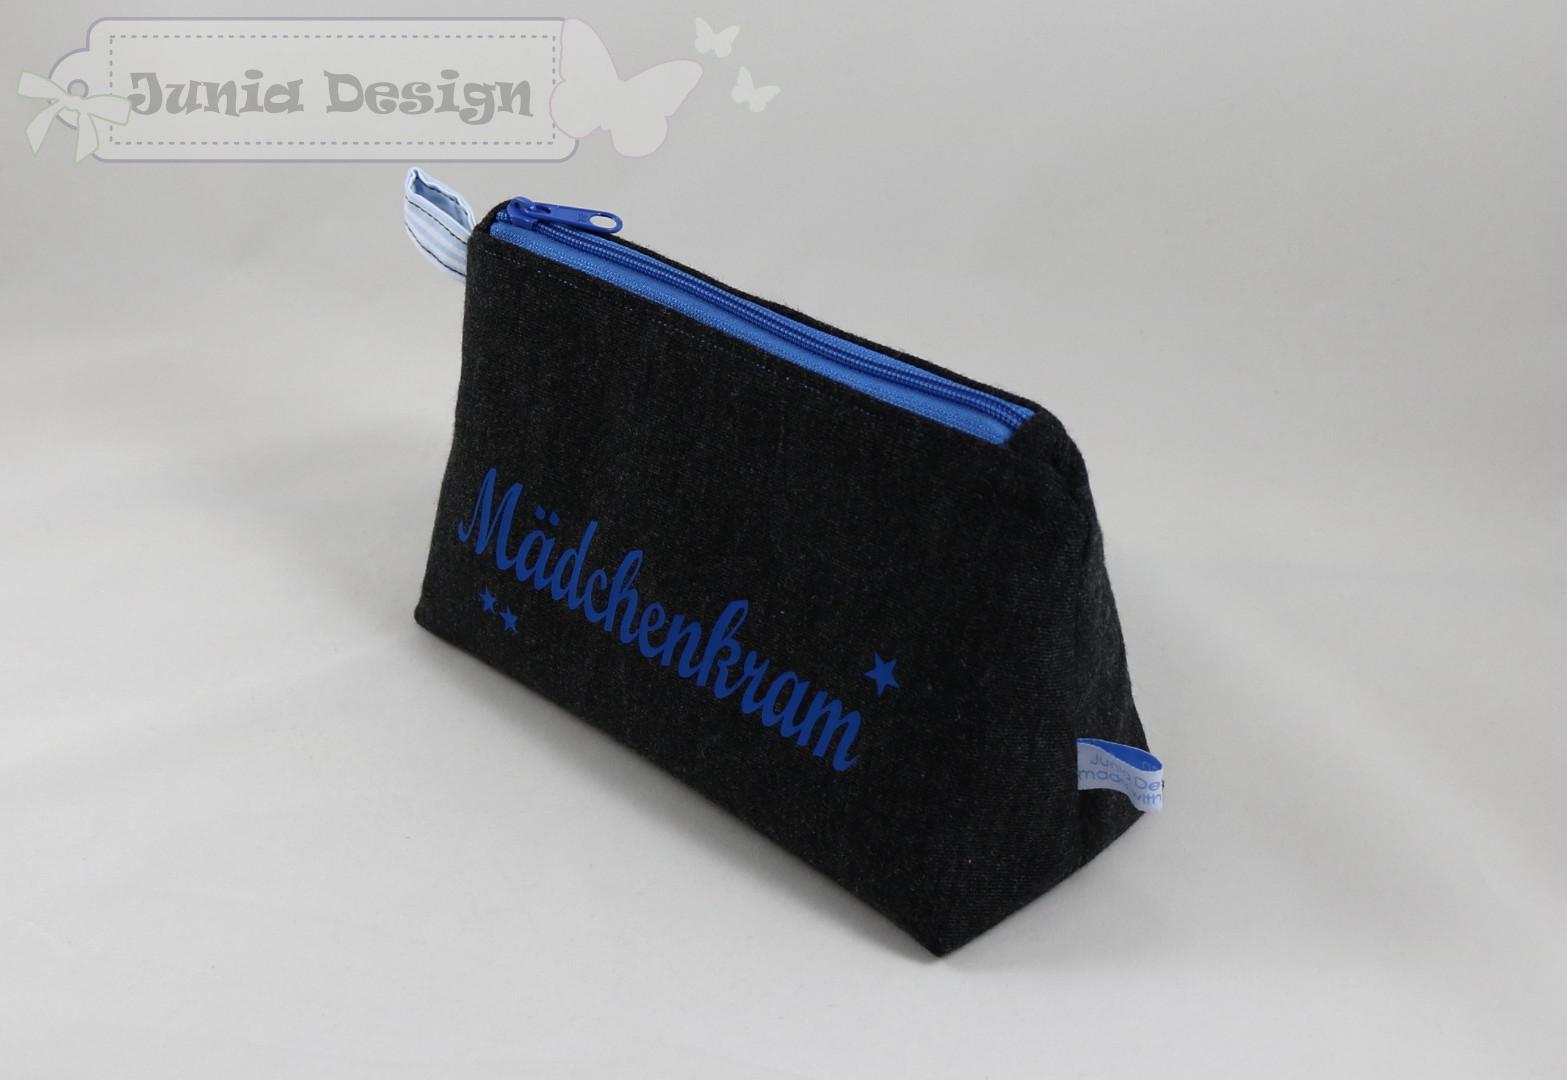 gMädchenkram blau